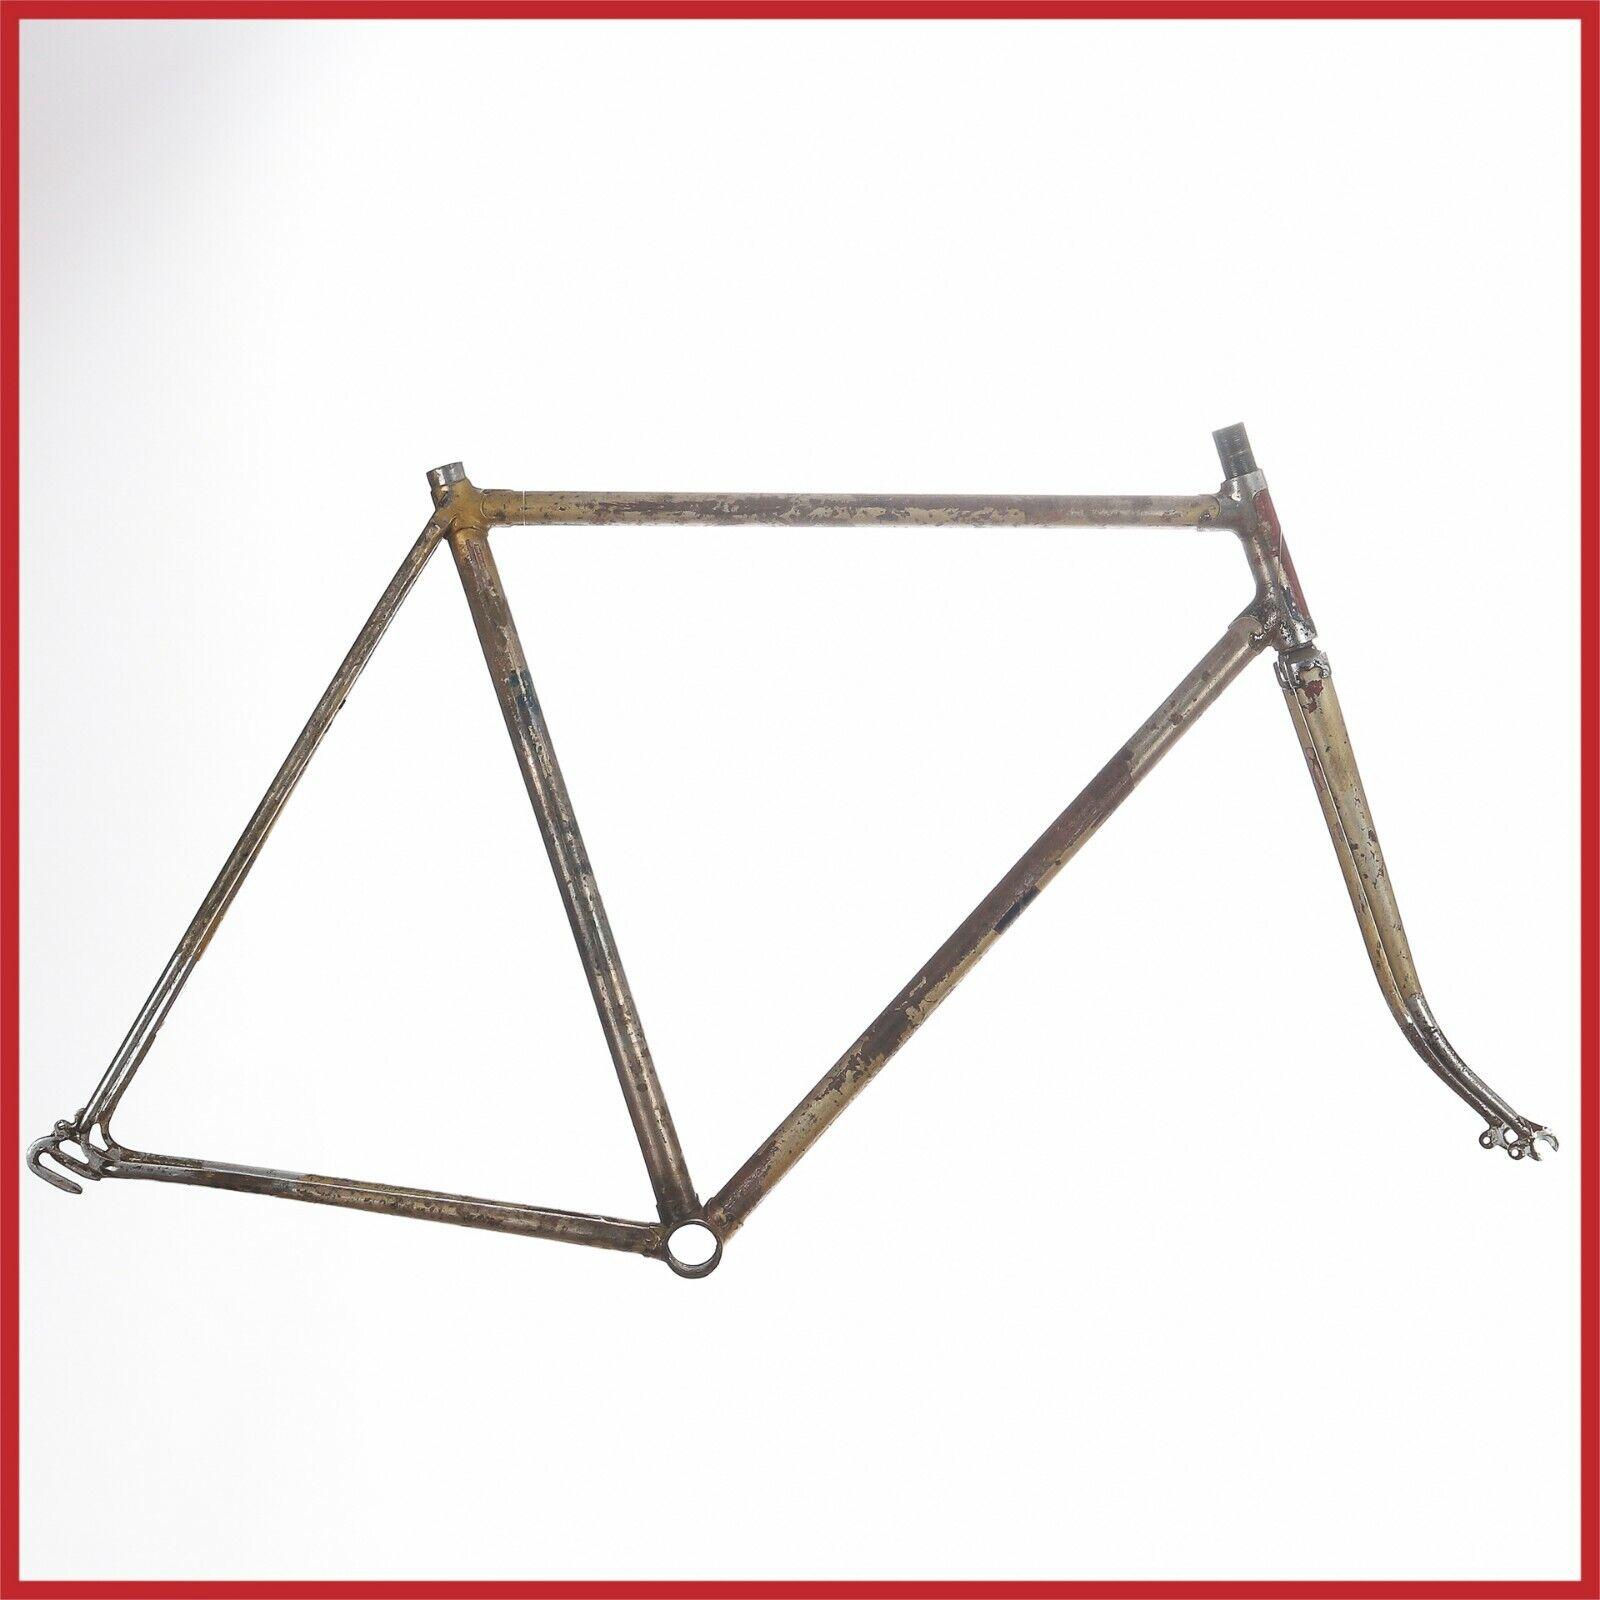 STEEL FRAMESE 40S LIPLEX TOUR DE FRANKRIKE FRAM EROICA LUGS ROD Cykel FRAM